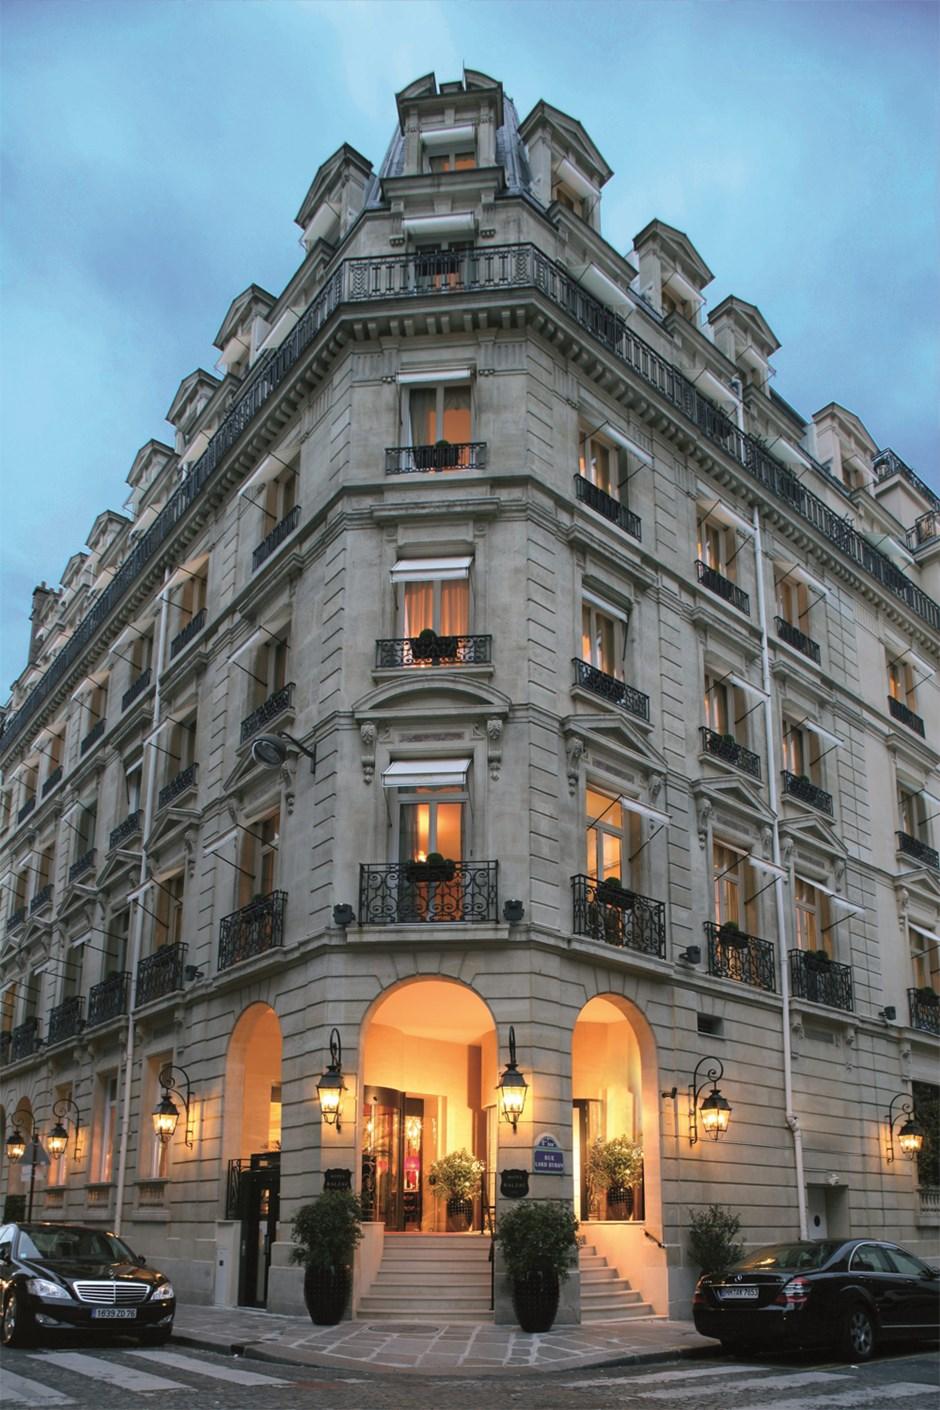 Fancy Hotels In Paris